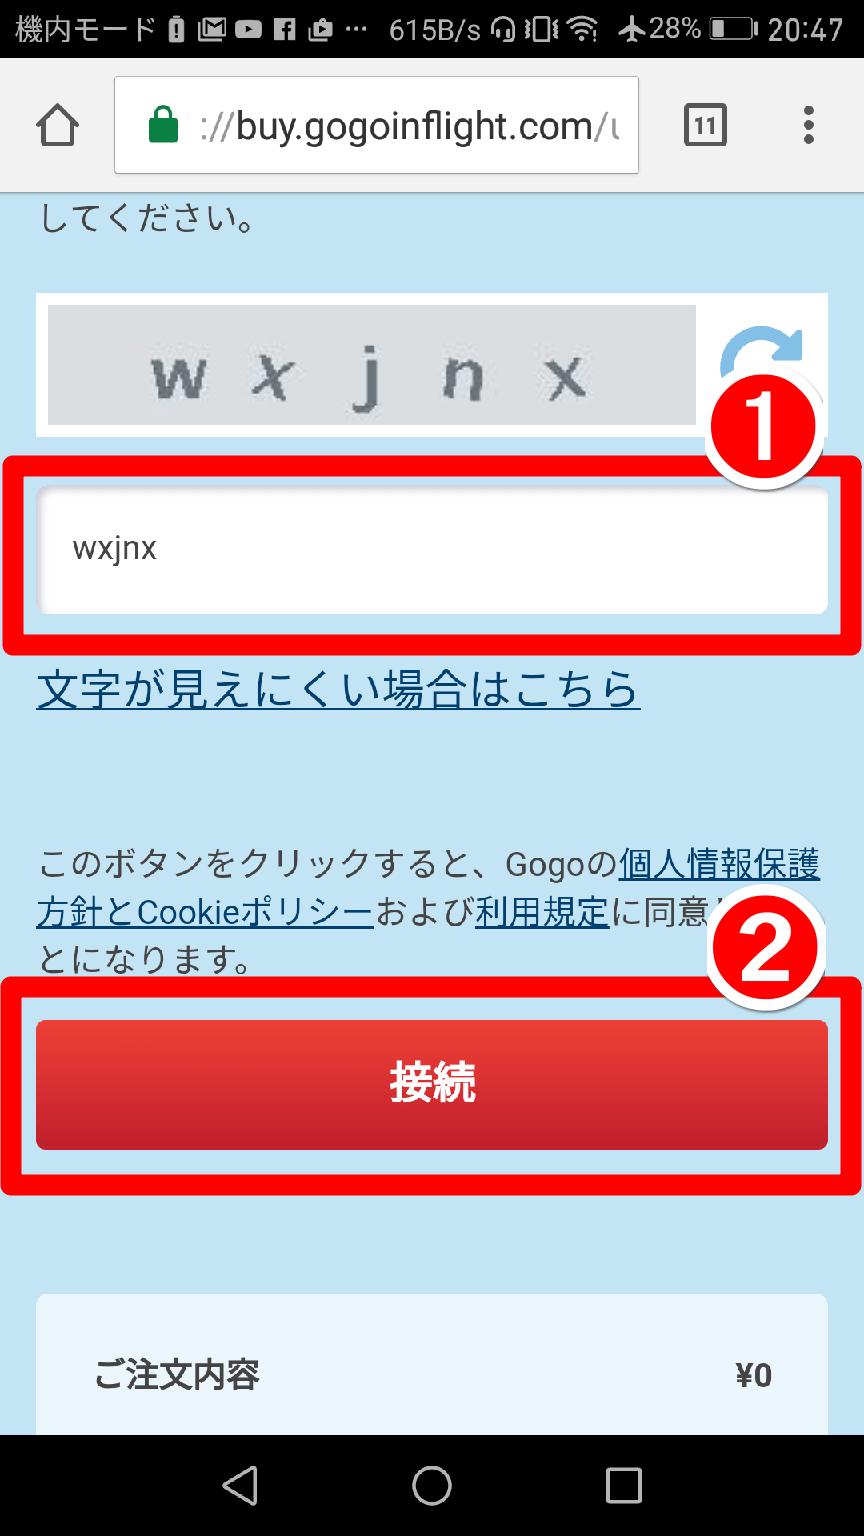 登録情報の認証画面